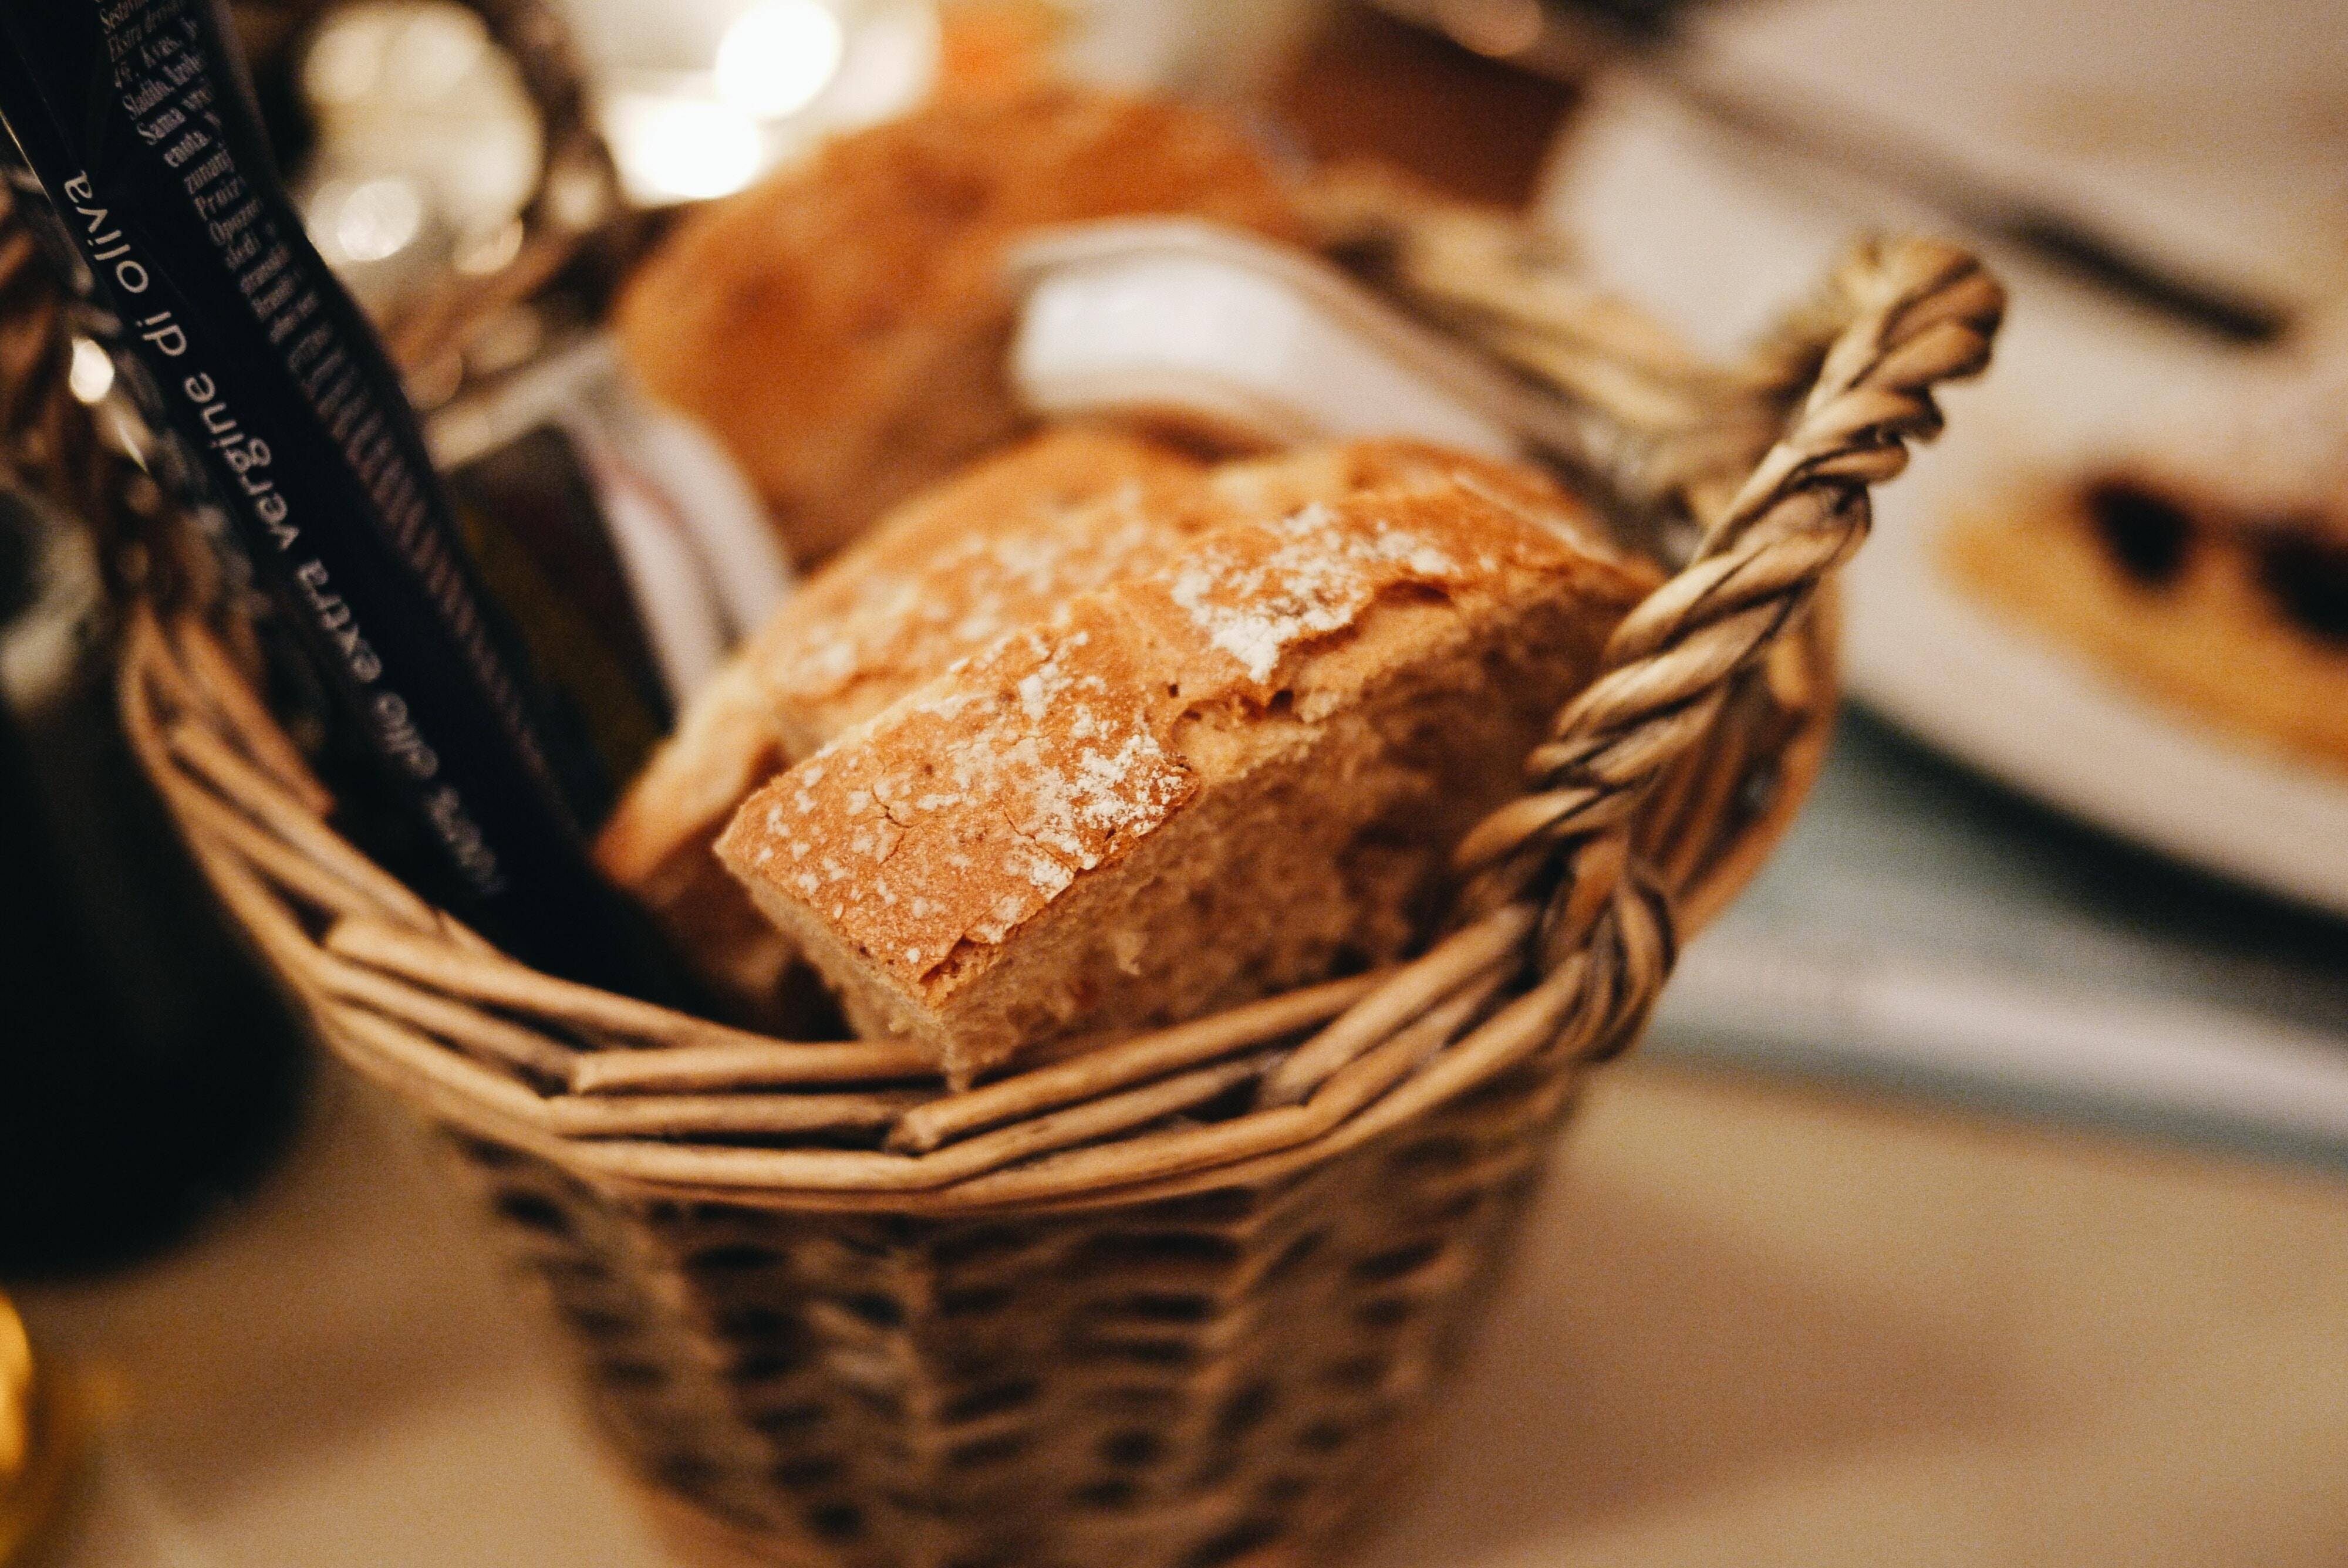 「沢村」は軽井沢の絶品パン屋!レストラン併設でランチやモーニングも堪能